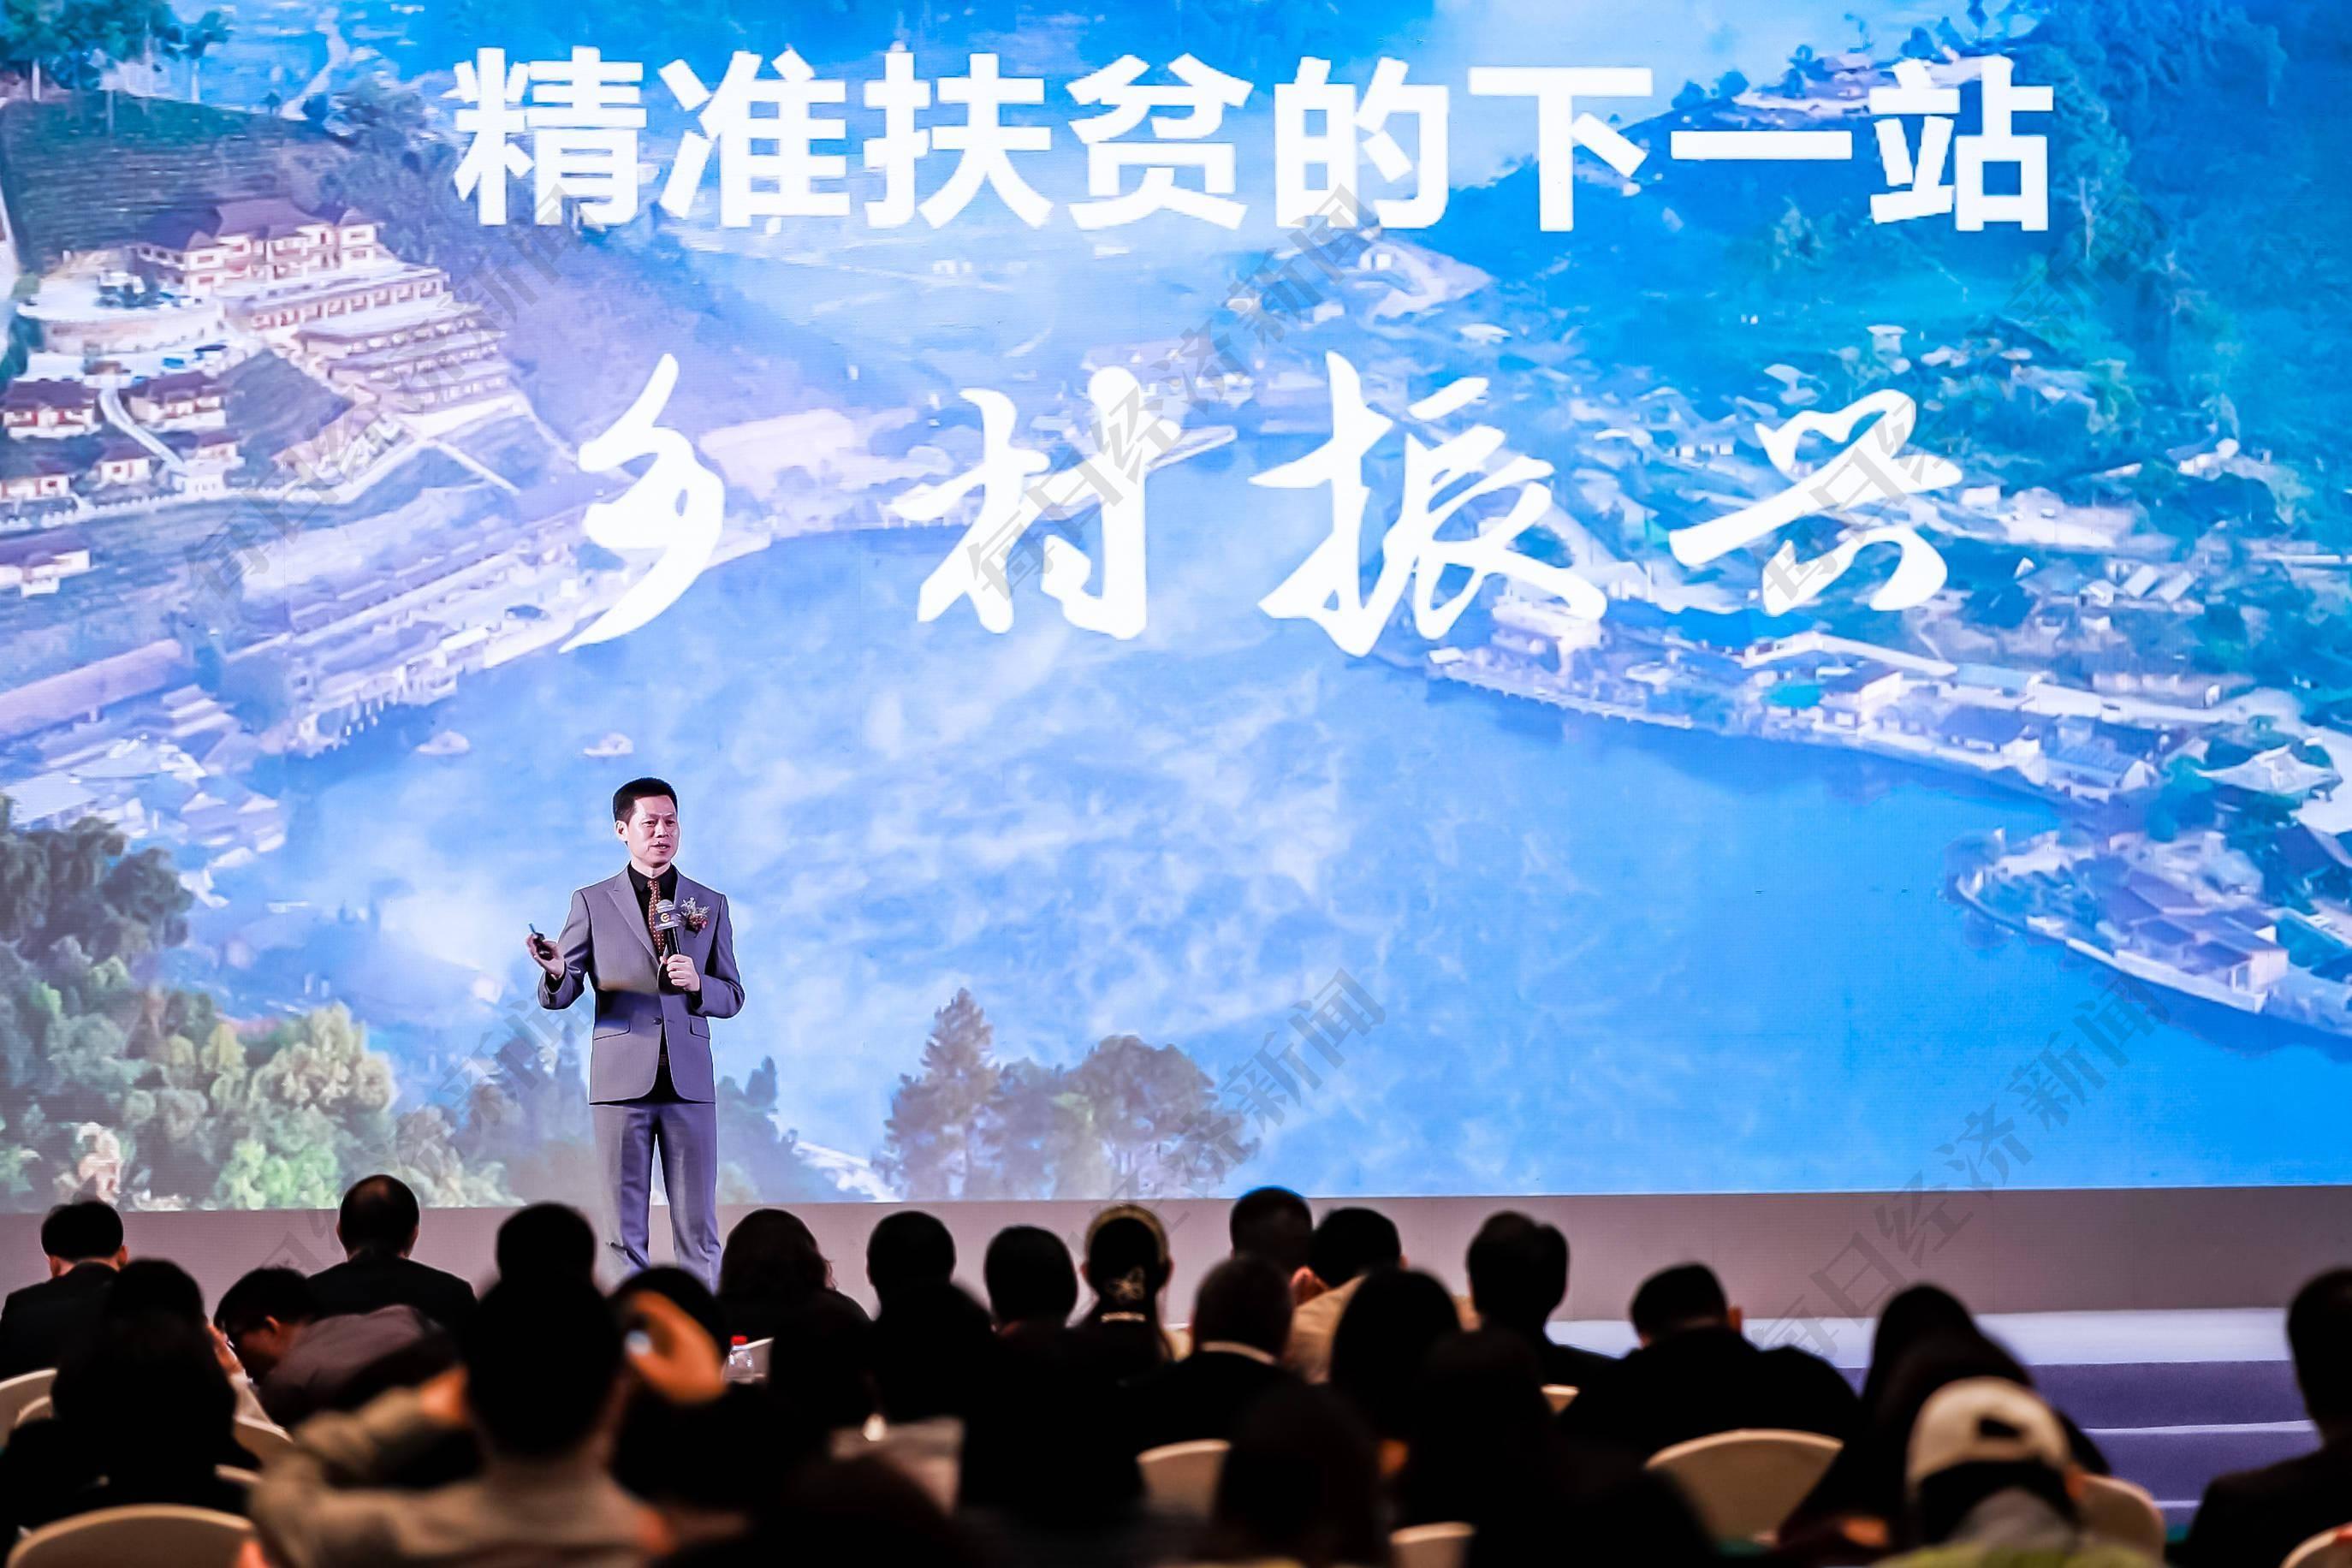 慈善中国将开创中国成长的新时代 后疫情